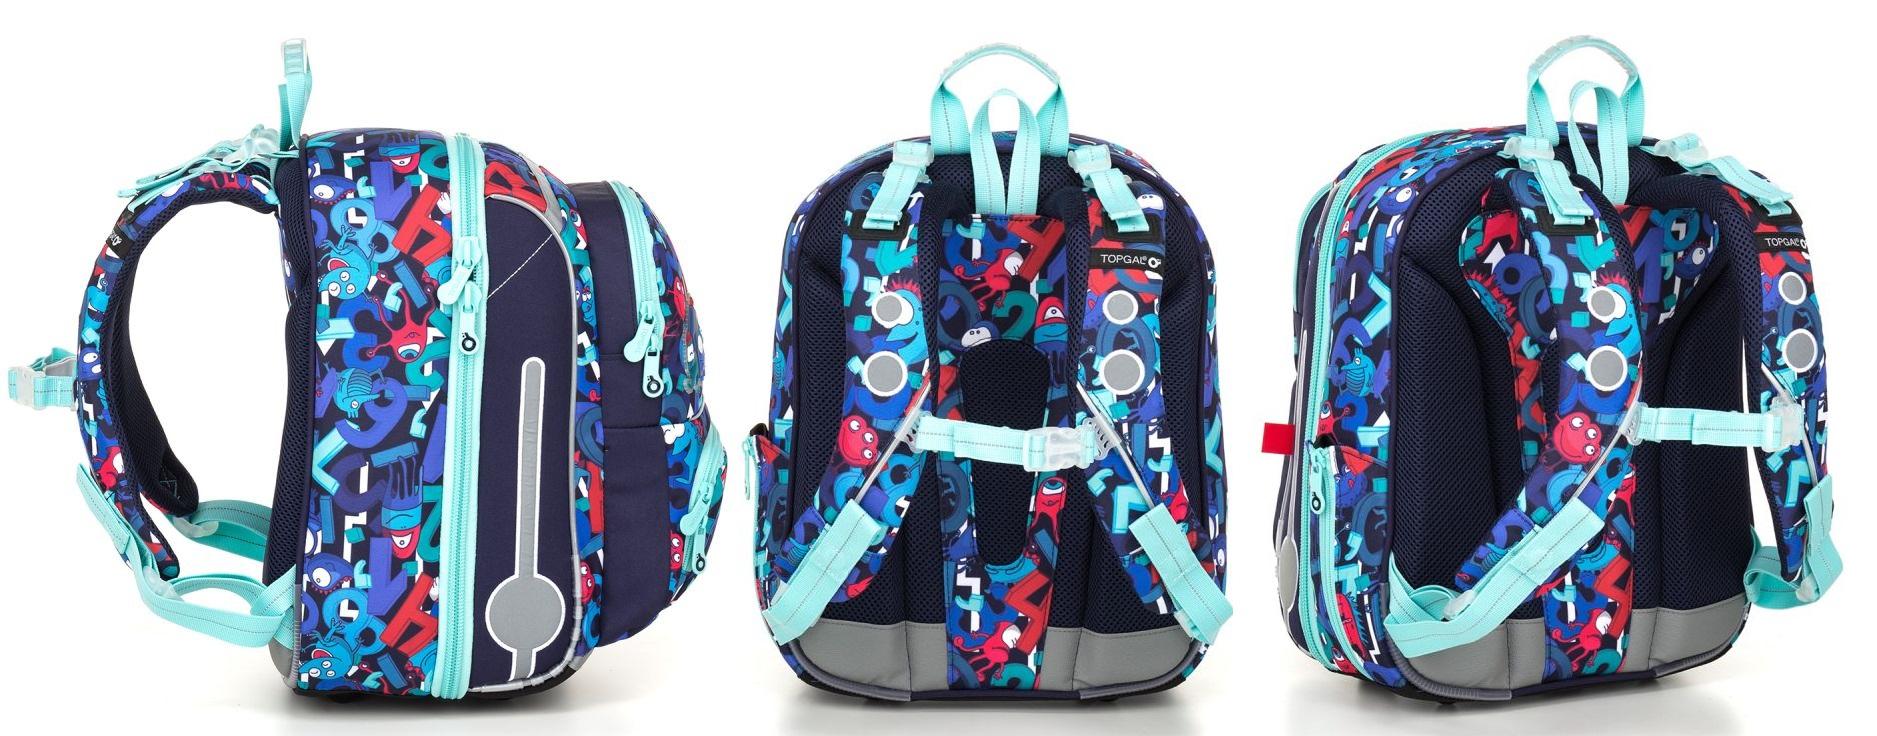 Školní aktovka batoh Topgal BEBE 18008 G květy b4222df098